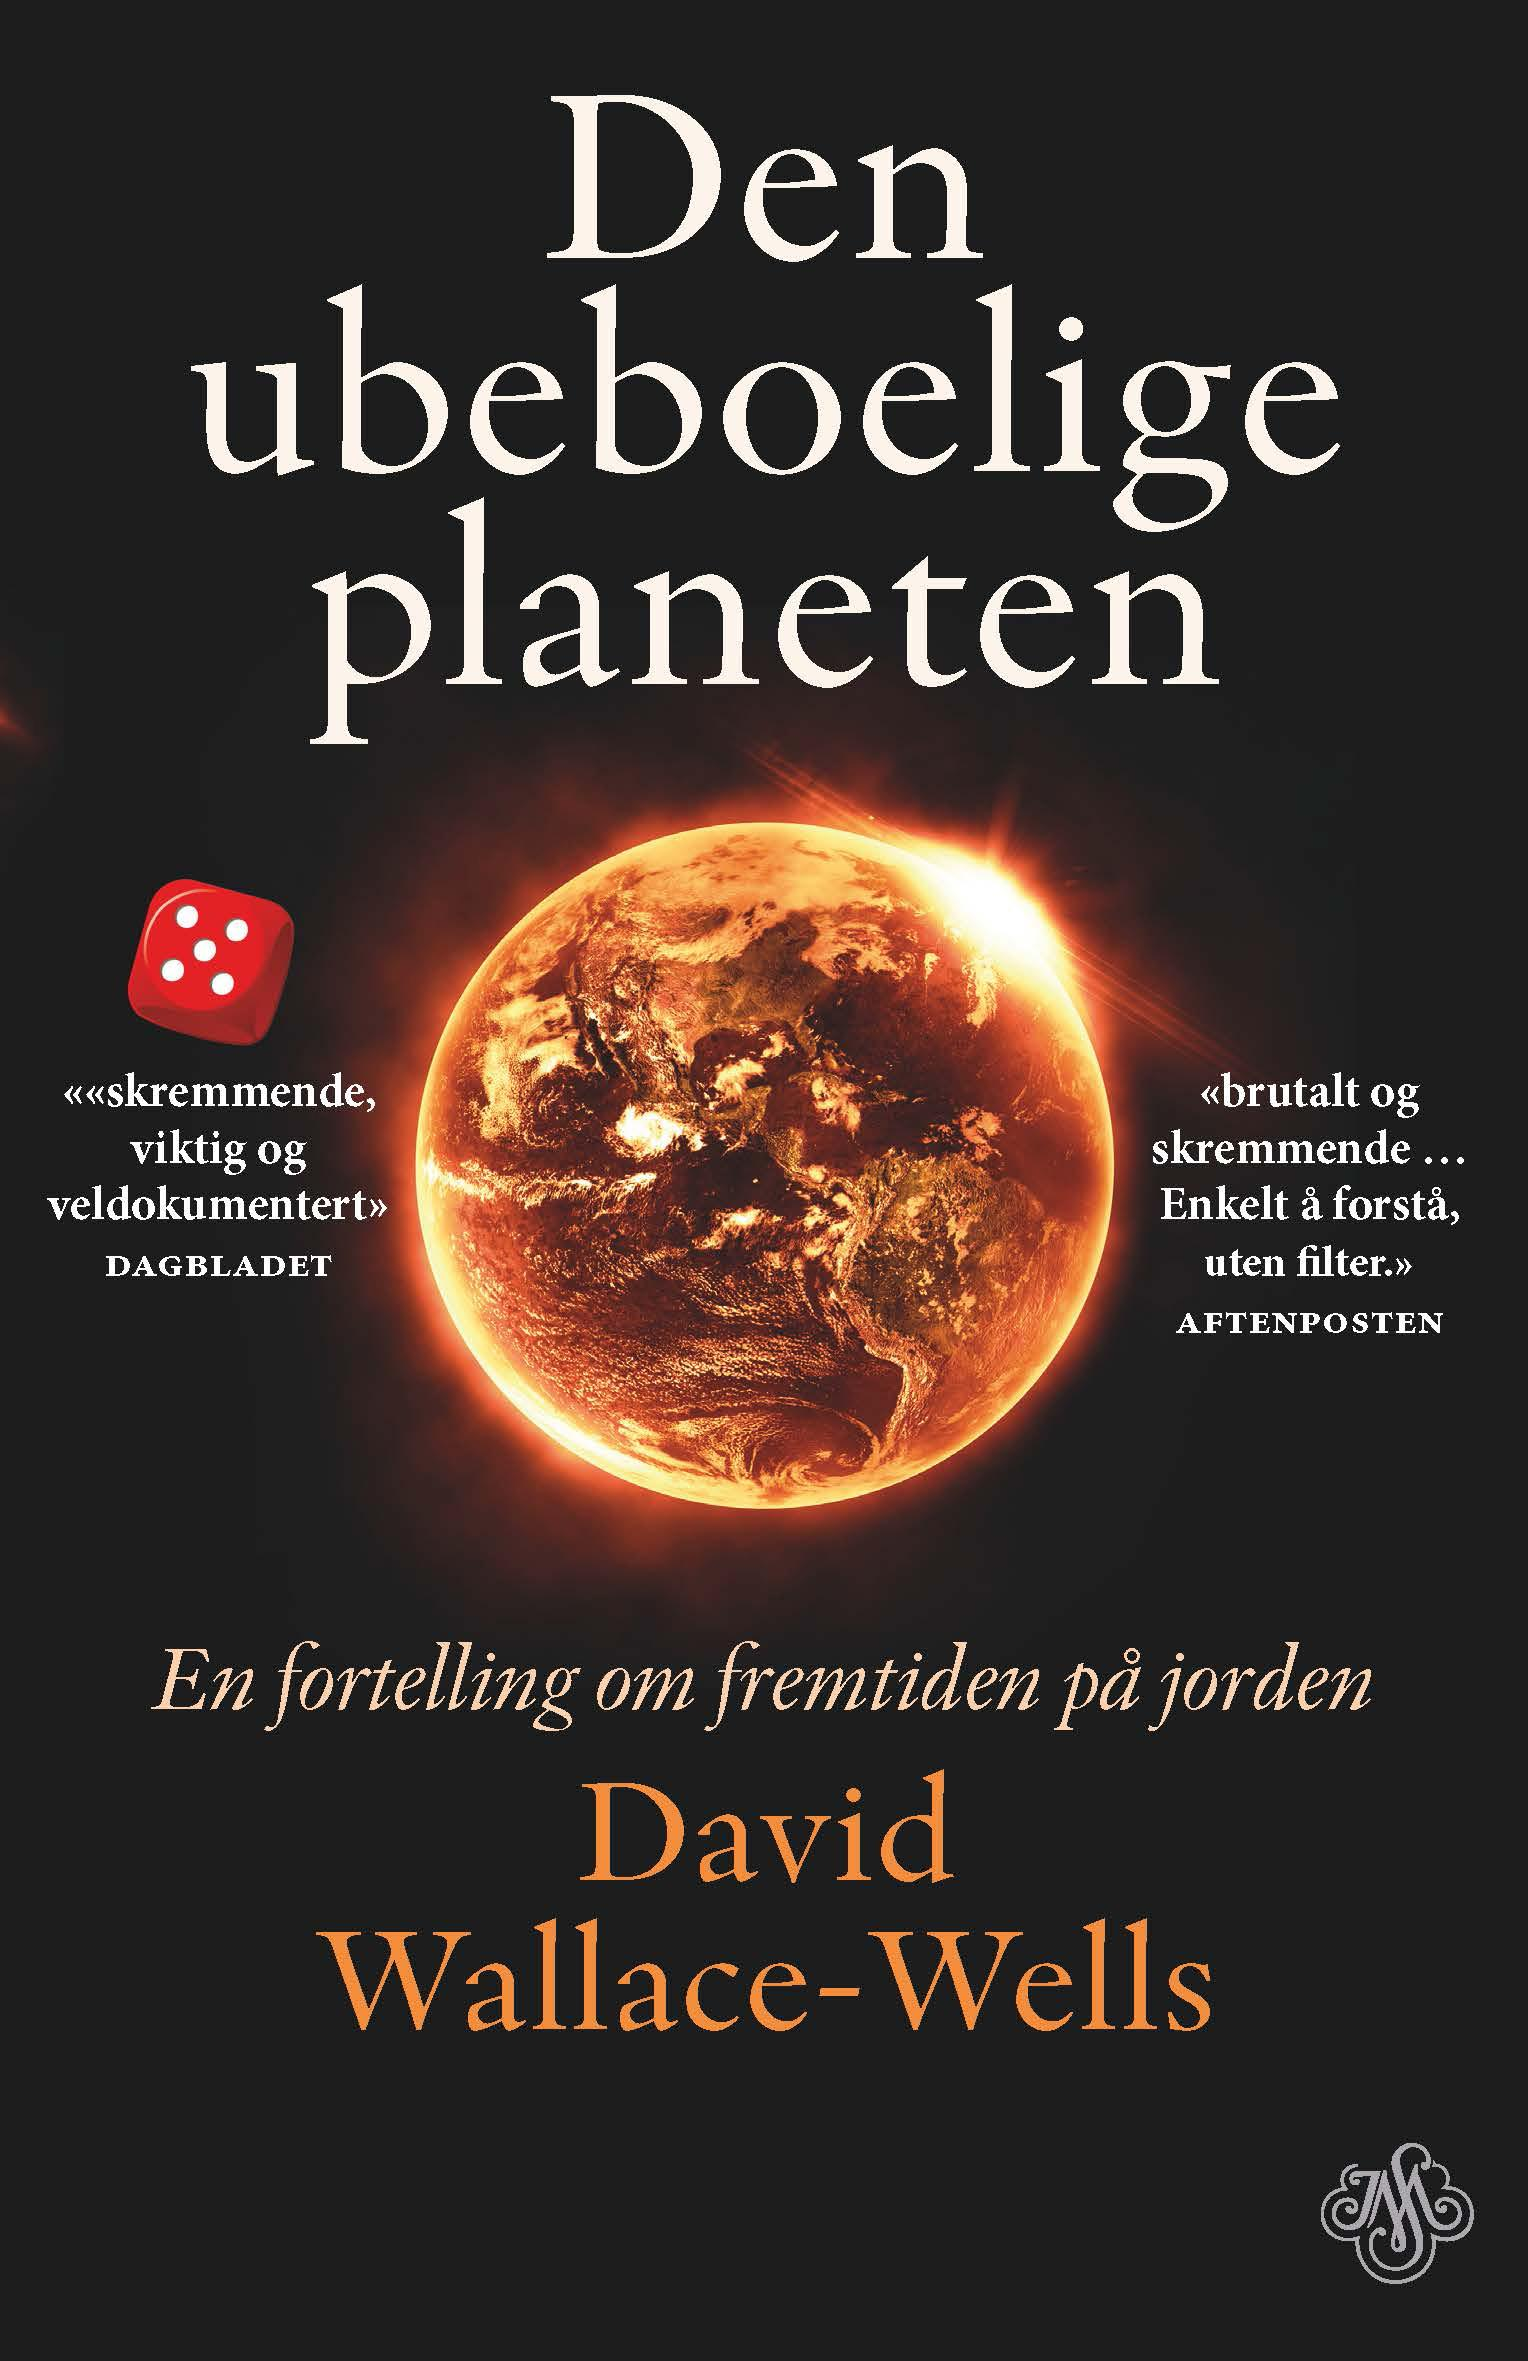 """""""Den ubeboelige planeten - en fortelling om fremtiden på jorden"""" av David Wallace-Wells"""